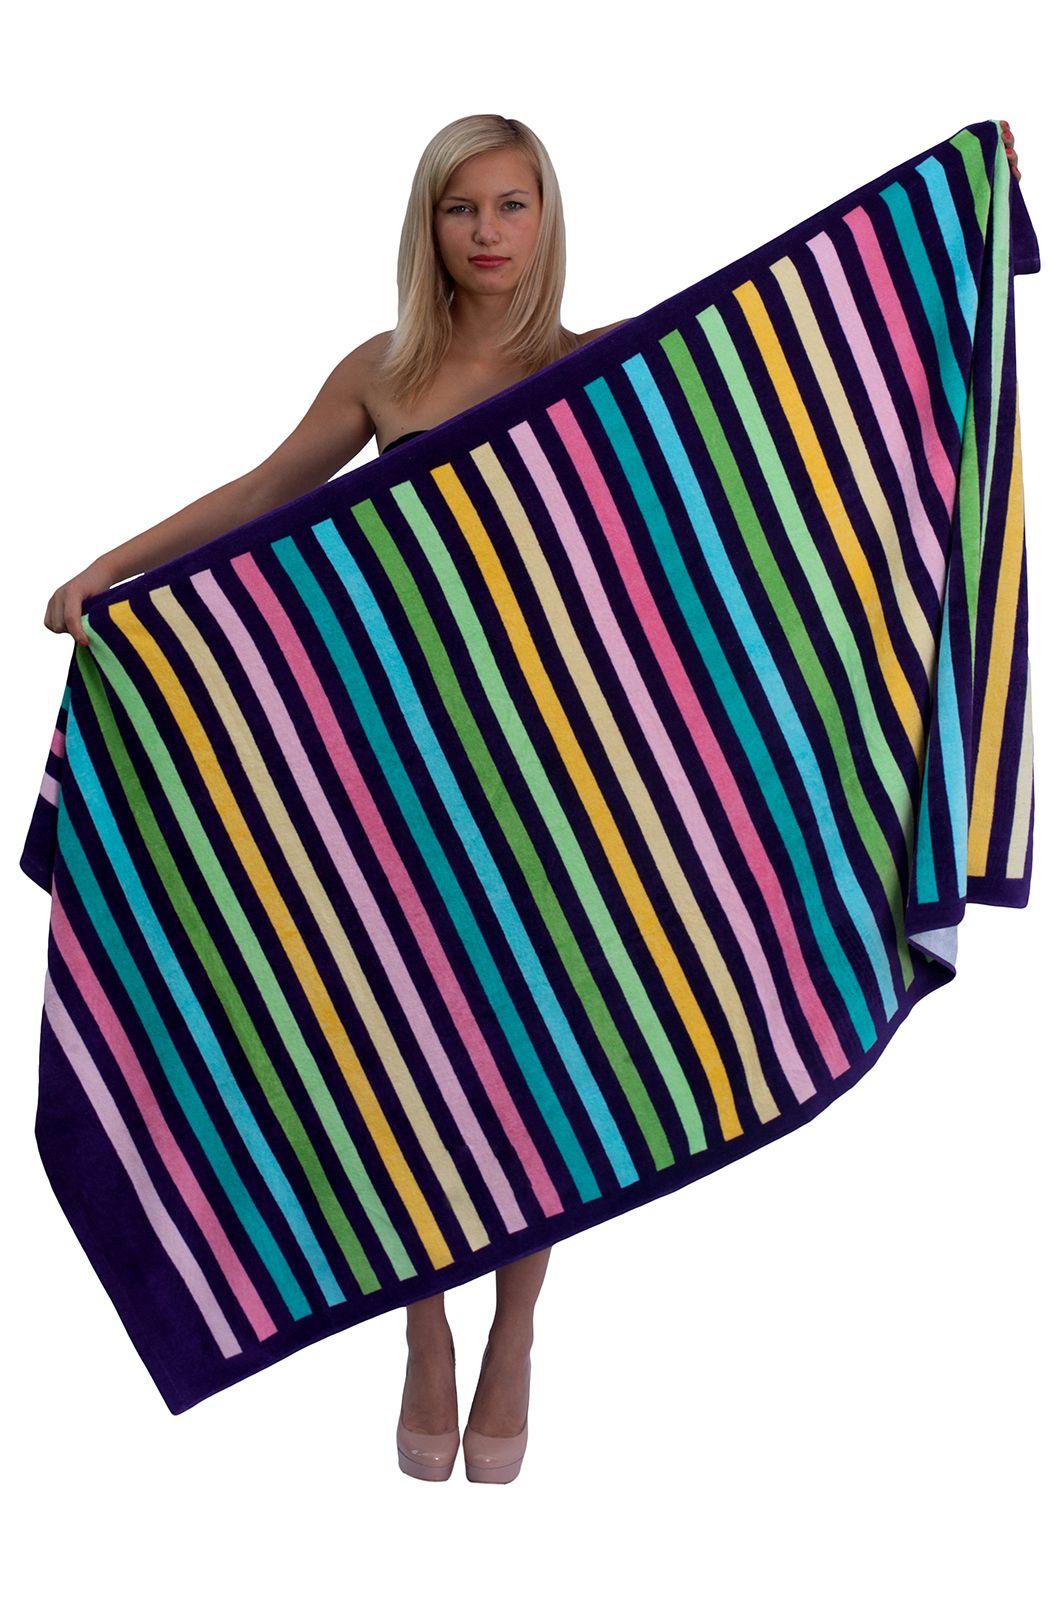 Цветное пляжное полотенце - купить онлайн в интернет-магазине